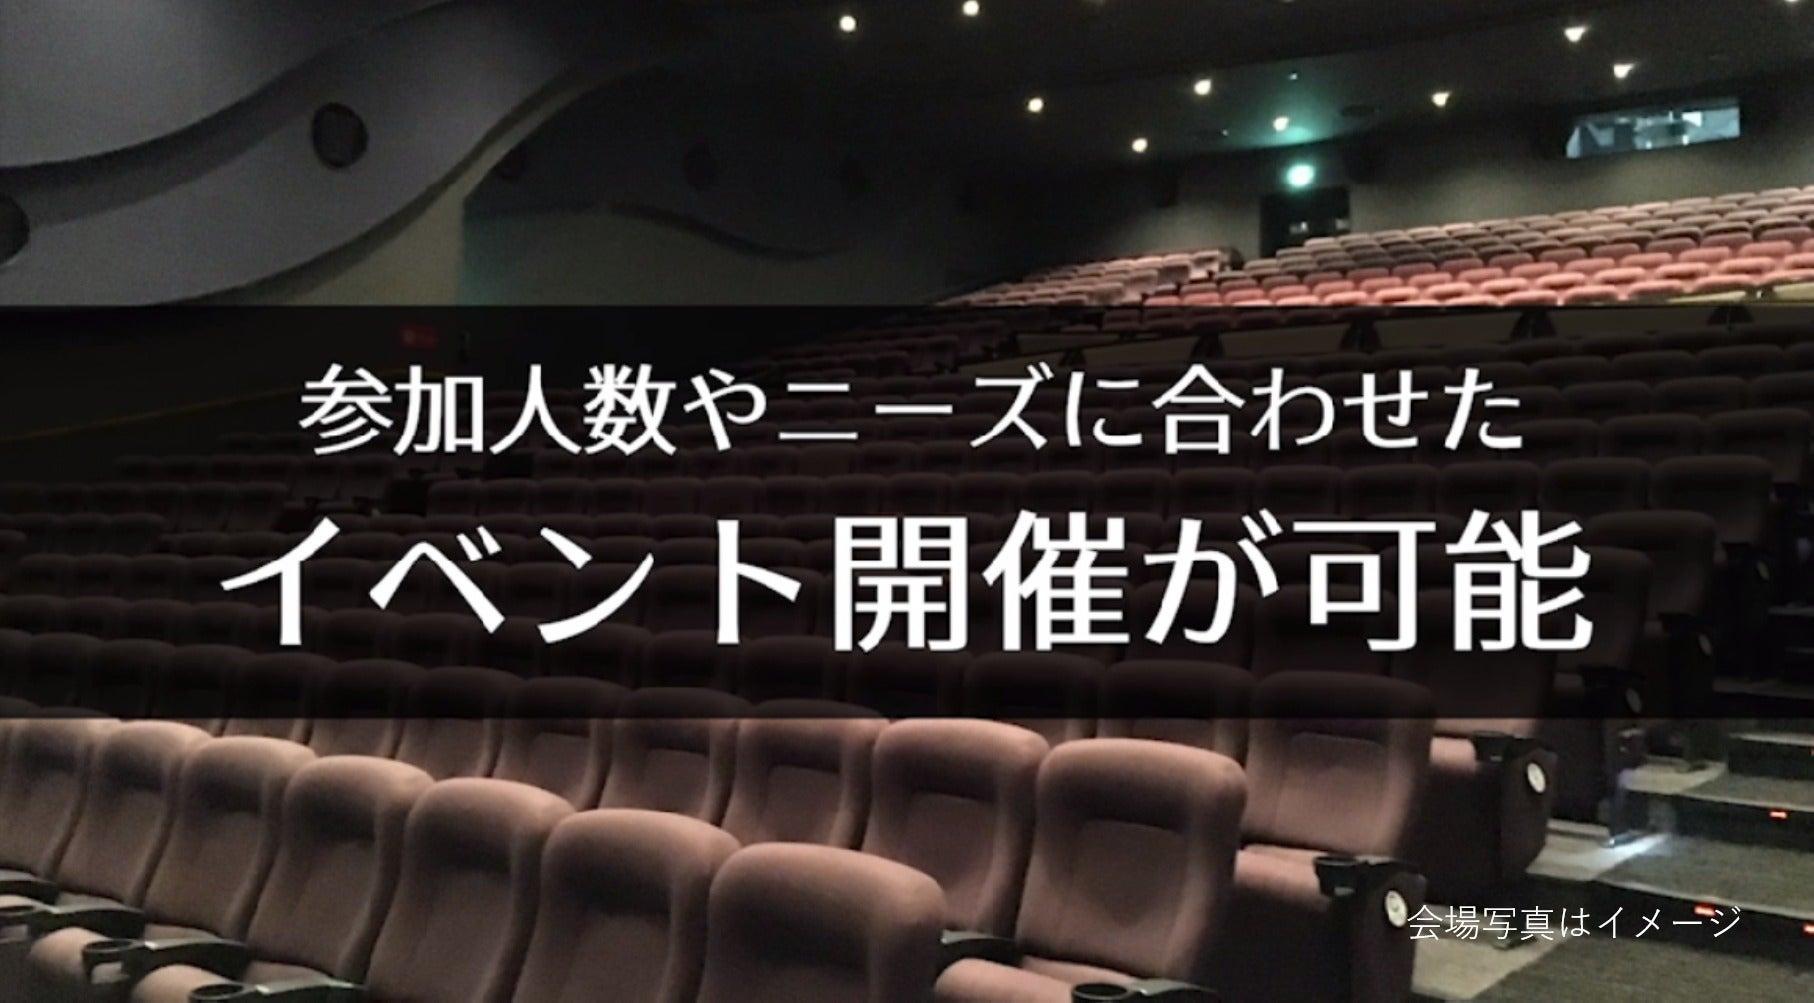 【熊本 163席】映画館で、会社説明会、株主総会、講演会の企画はいかがですか?